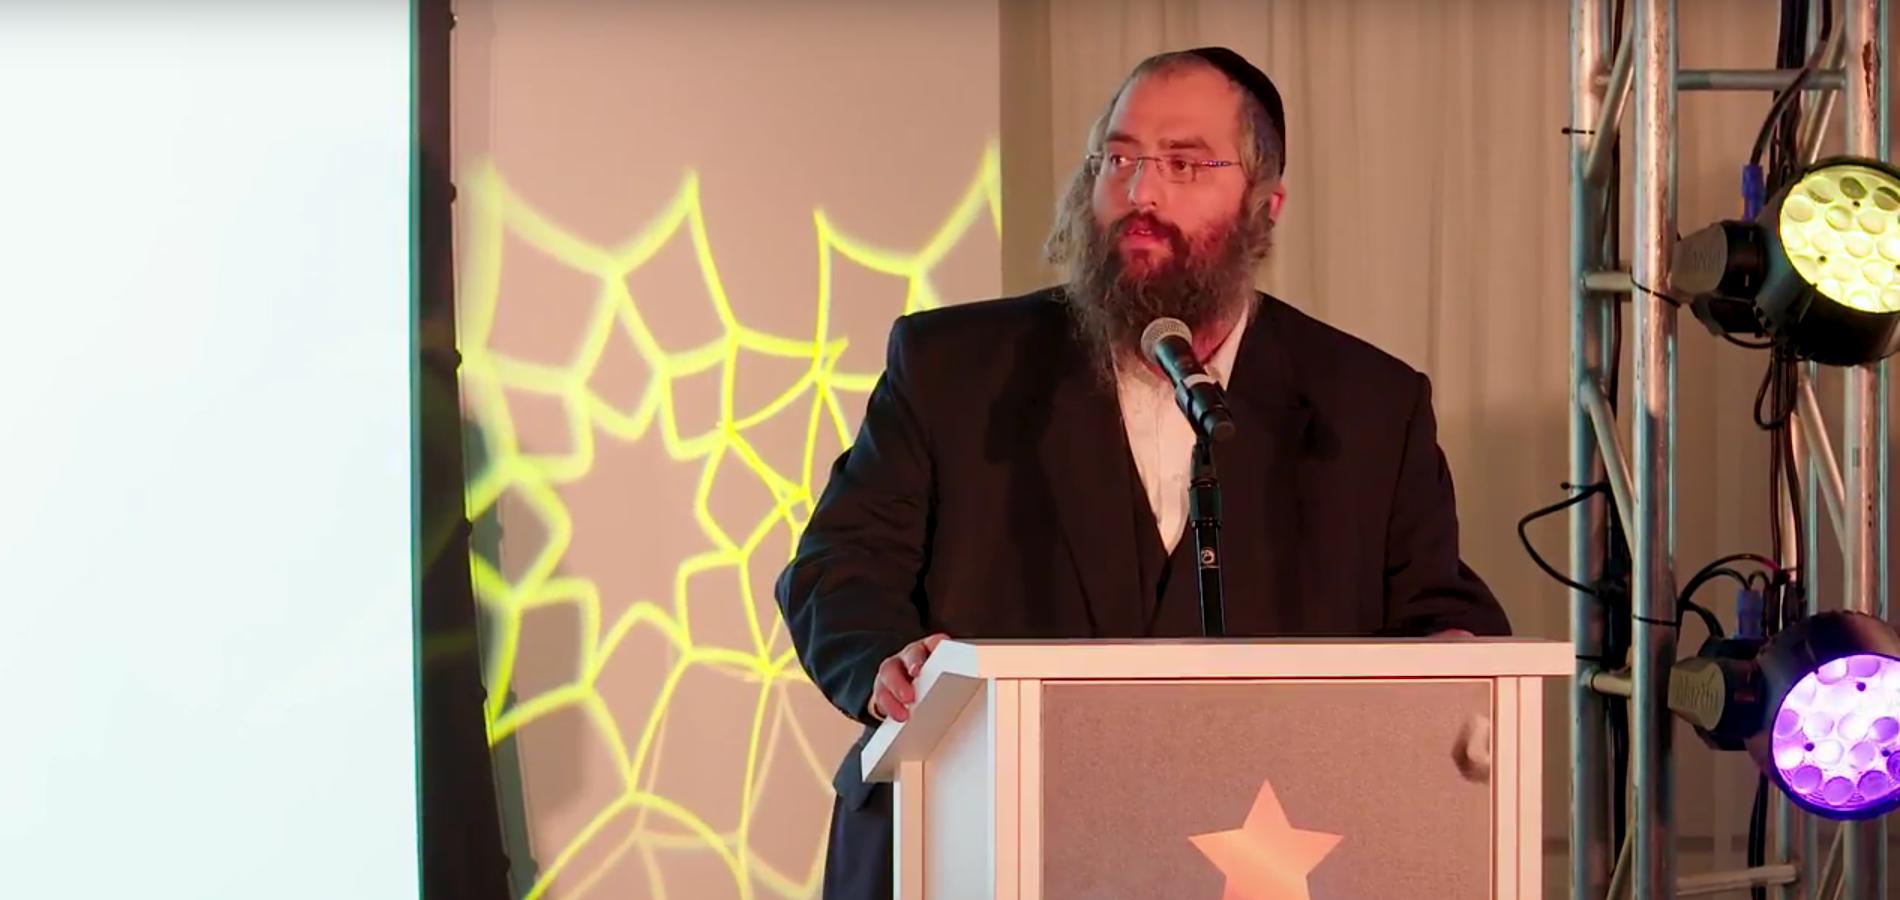 ALS Treatment Pioneer, Chaim Lebovits, Accepts Orthodox Jewish All Star Award